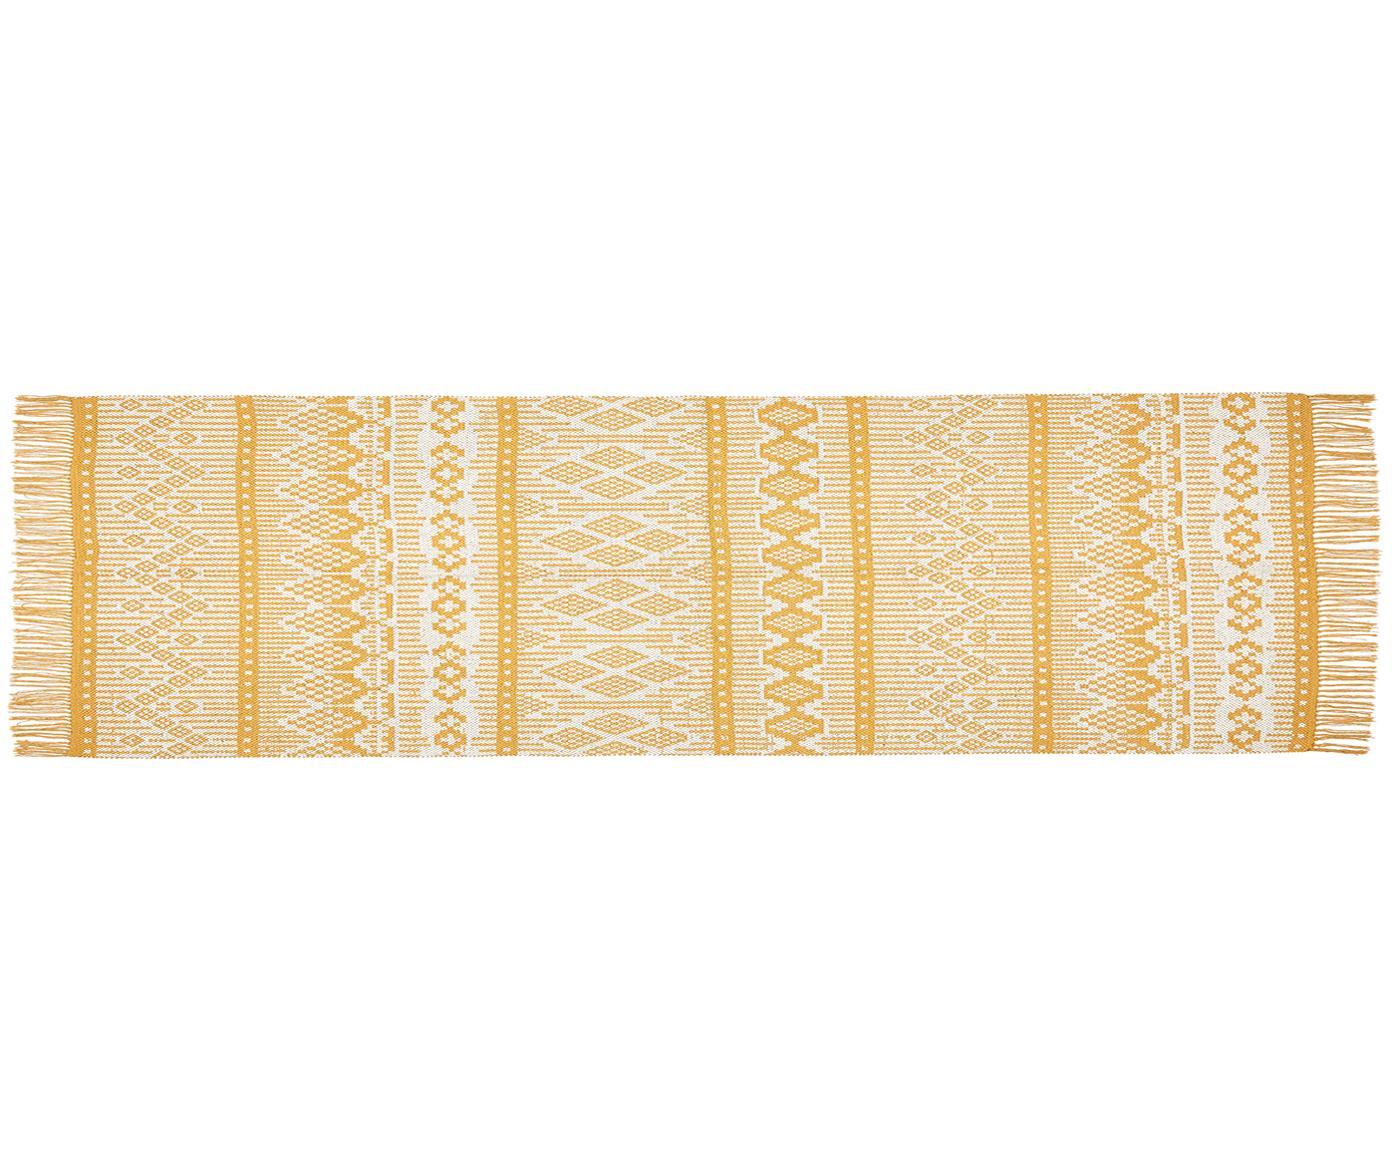 Chodnik etno z bawełny z recyklingu Panama, Bawełna z recyklingu, Kremowy, musztardowy, S 70 x D 250 cm